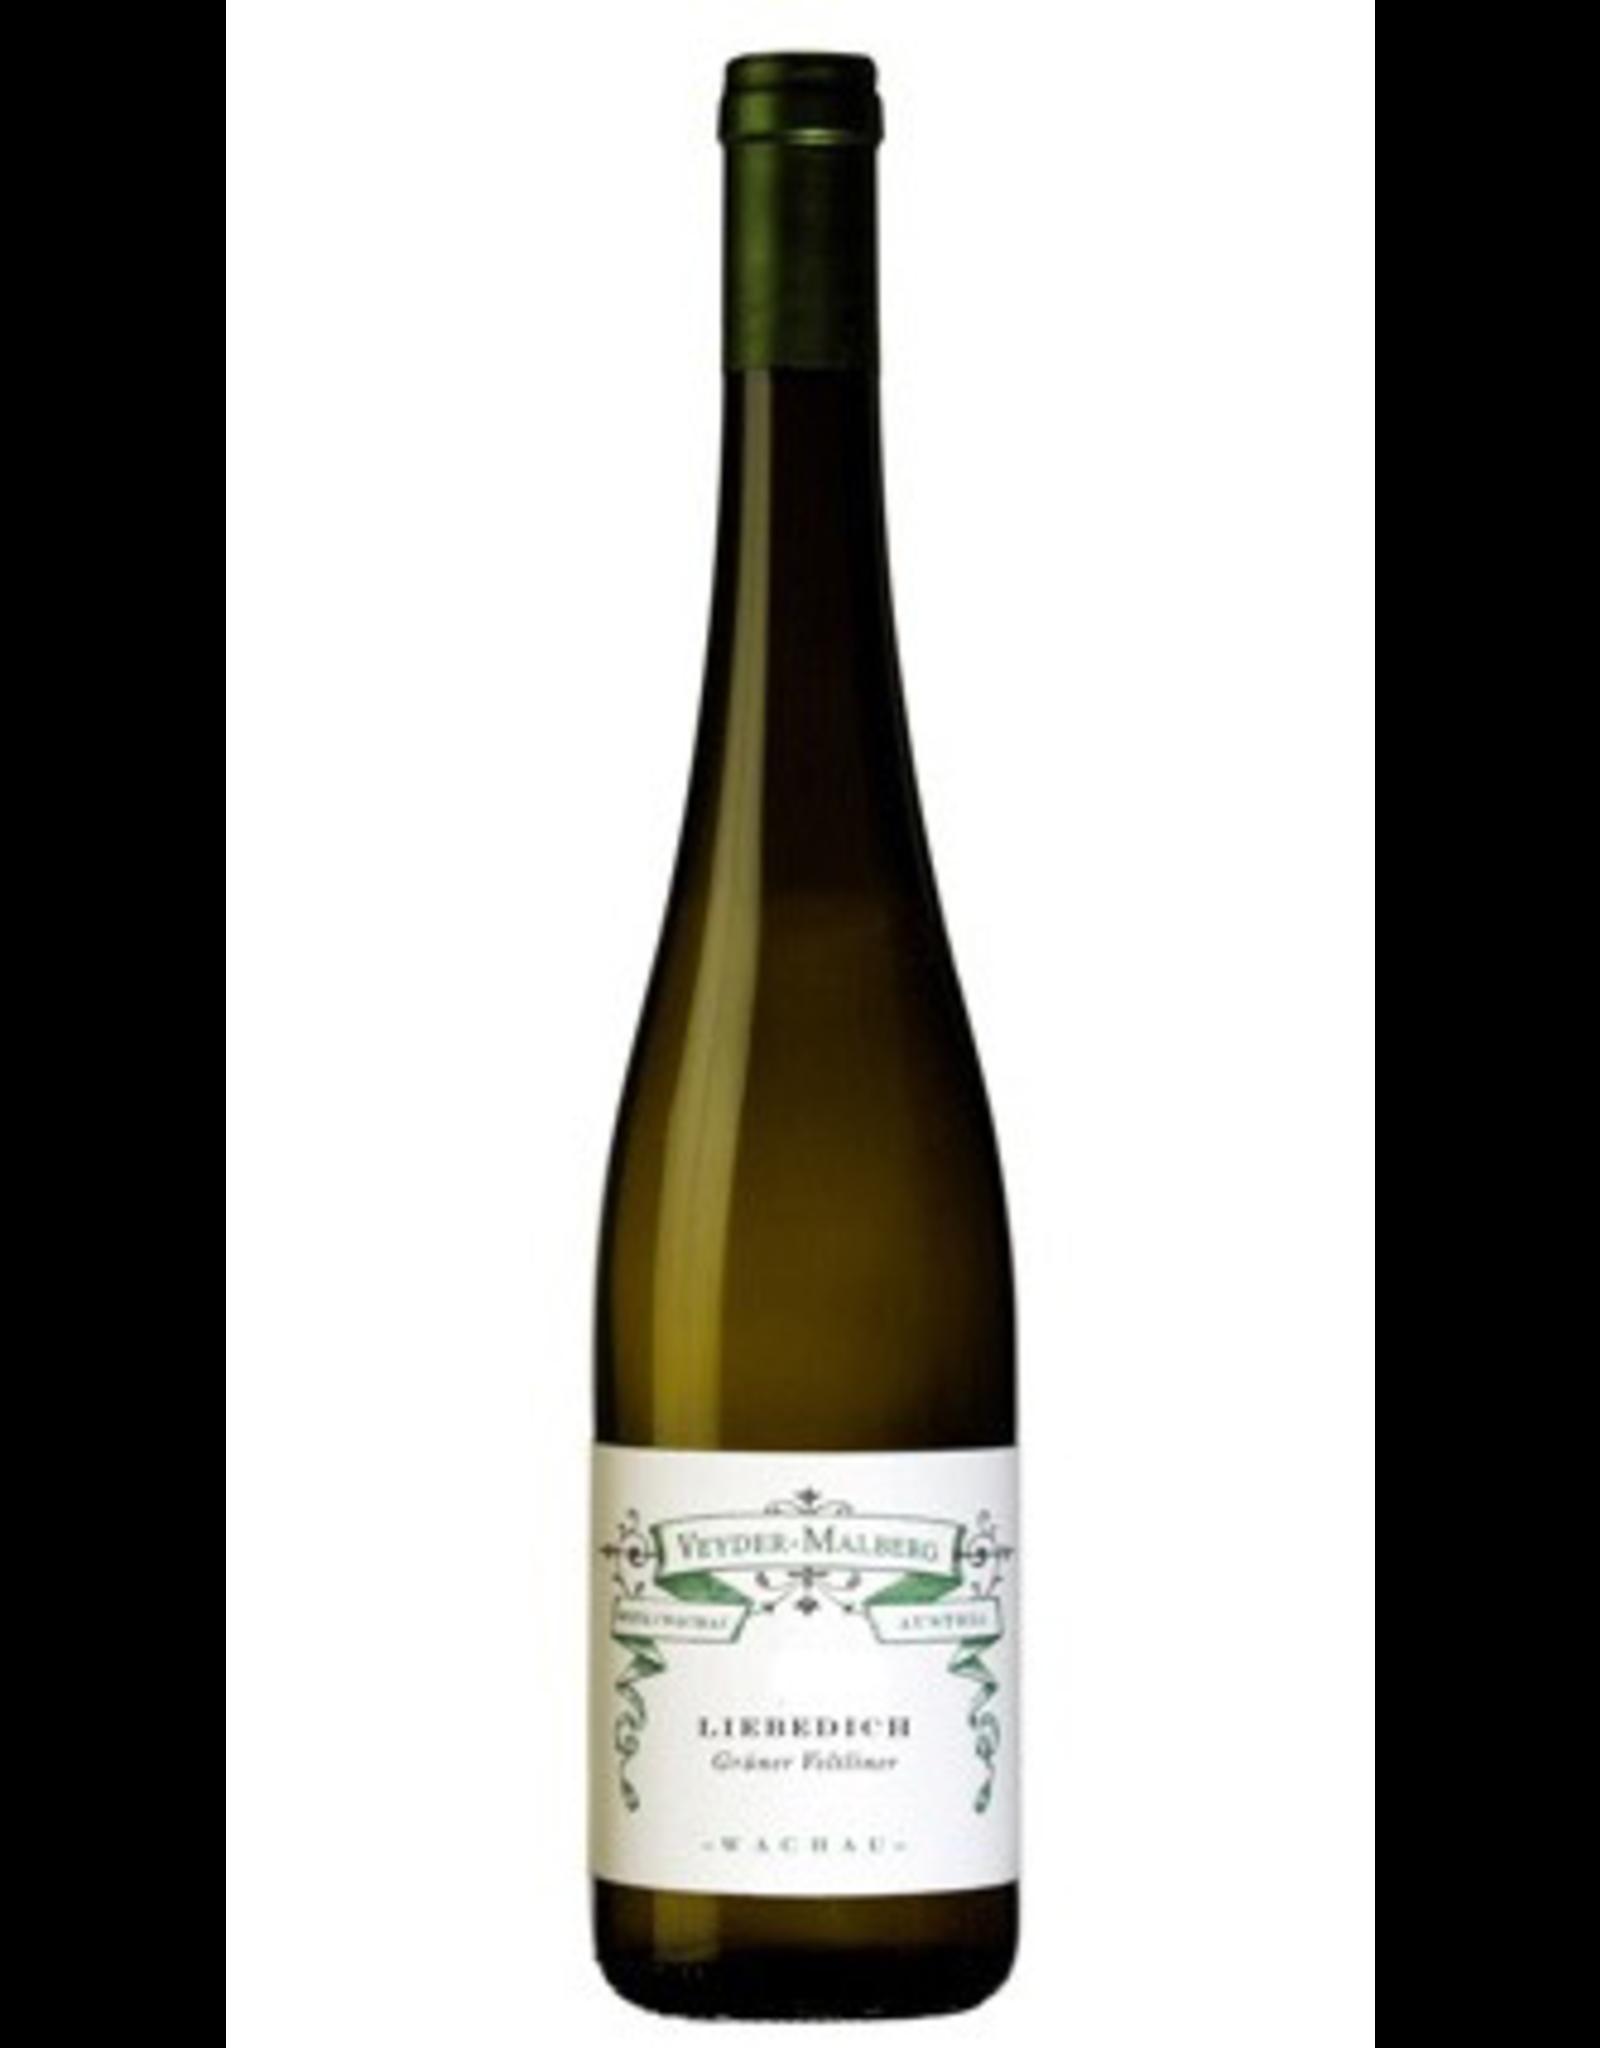 White Wine 2017, Veyder-Malberg Wachauer Liebedich, Gruner Veltliner, Wachau, Niederosterreich, Austria, 11.5% Alc, CT90